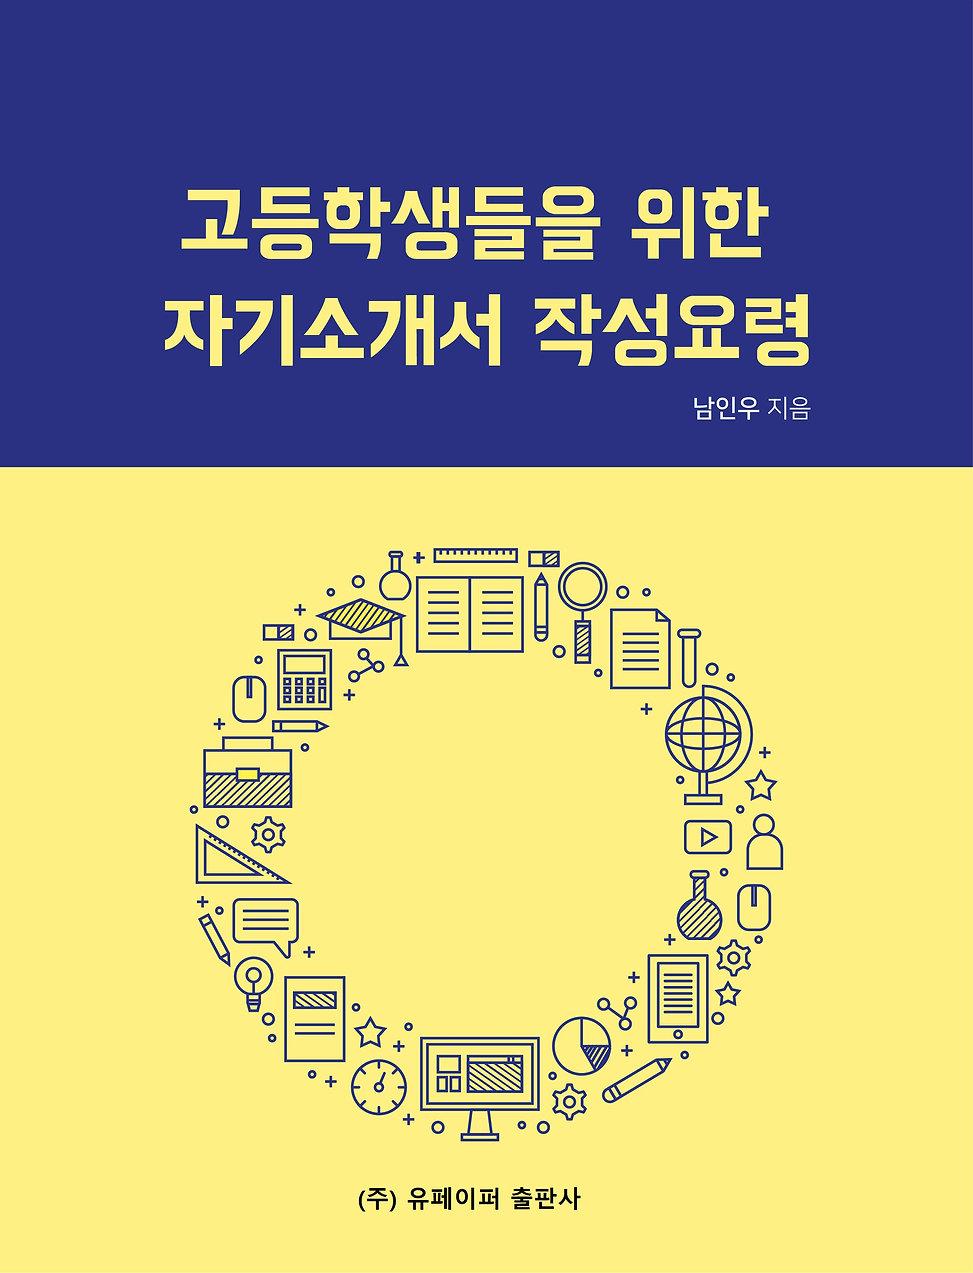 고등학생들을 위한 자기소개서 작성요령.,구글 주요뉴스 등재,남인우,교수,